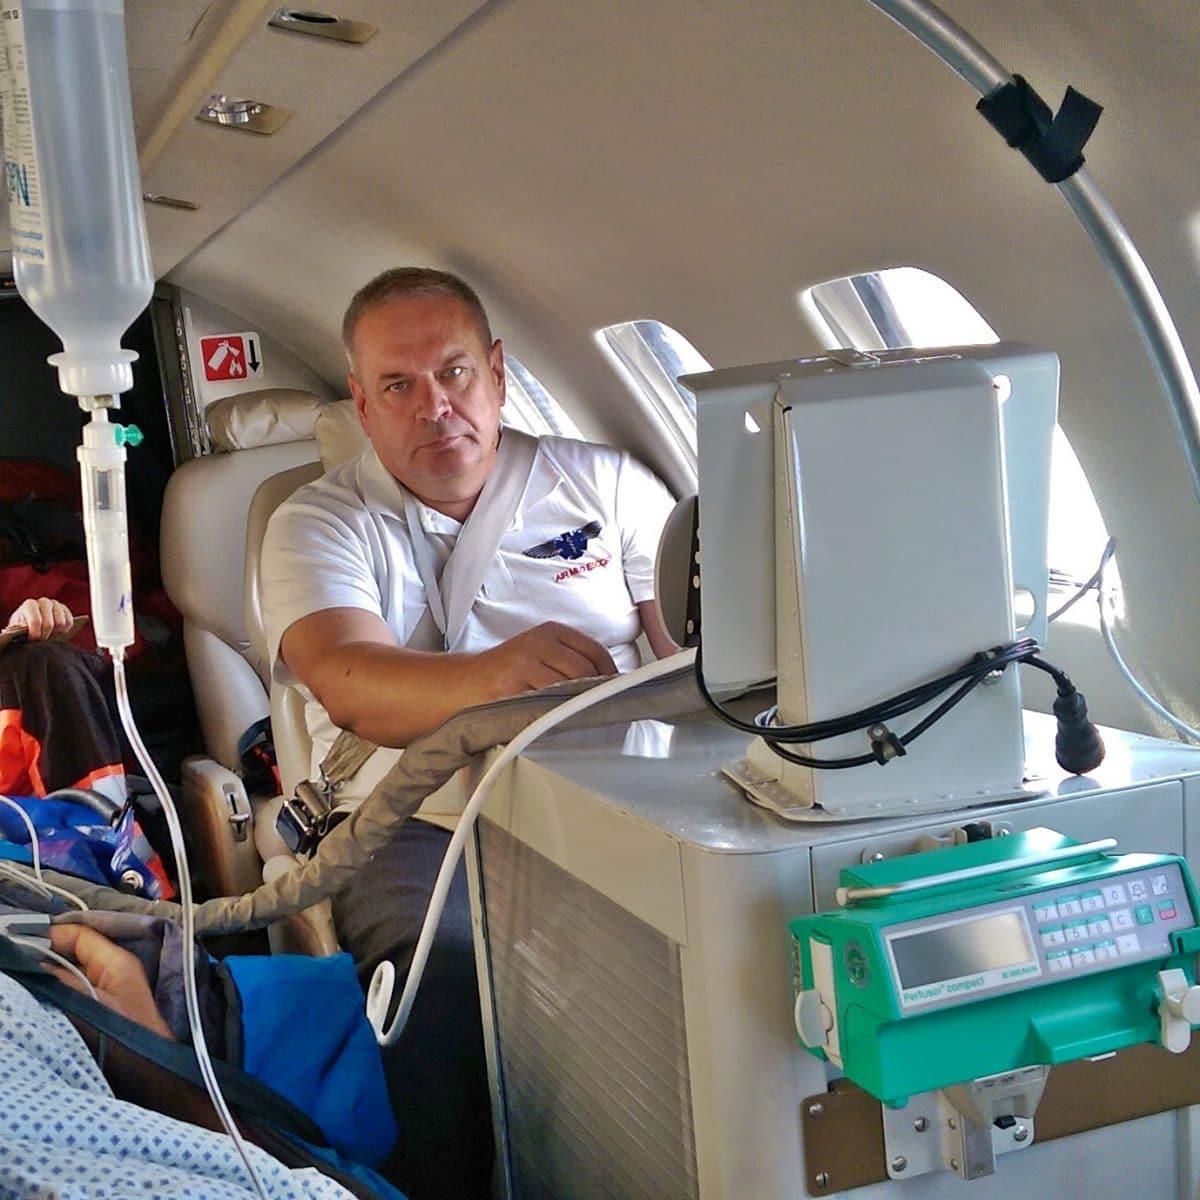 Samolot medyczny- latająca intensywna terapia